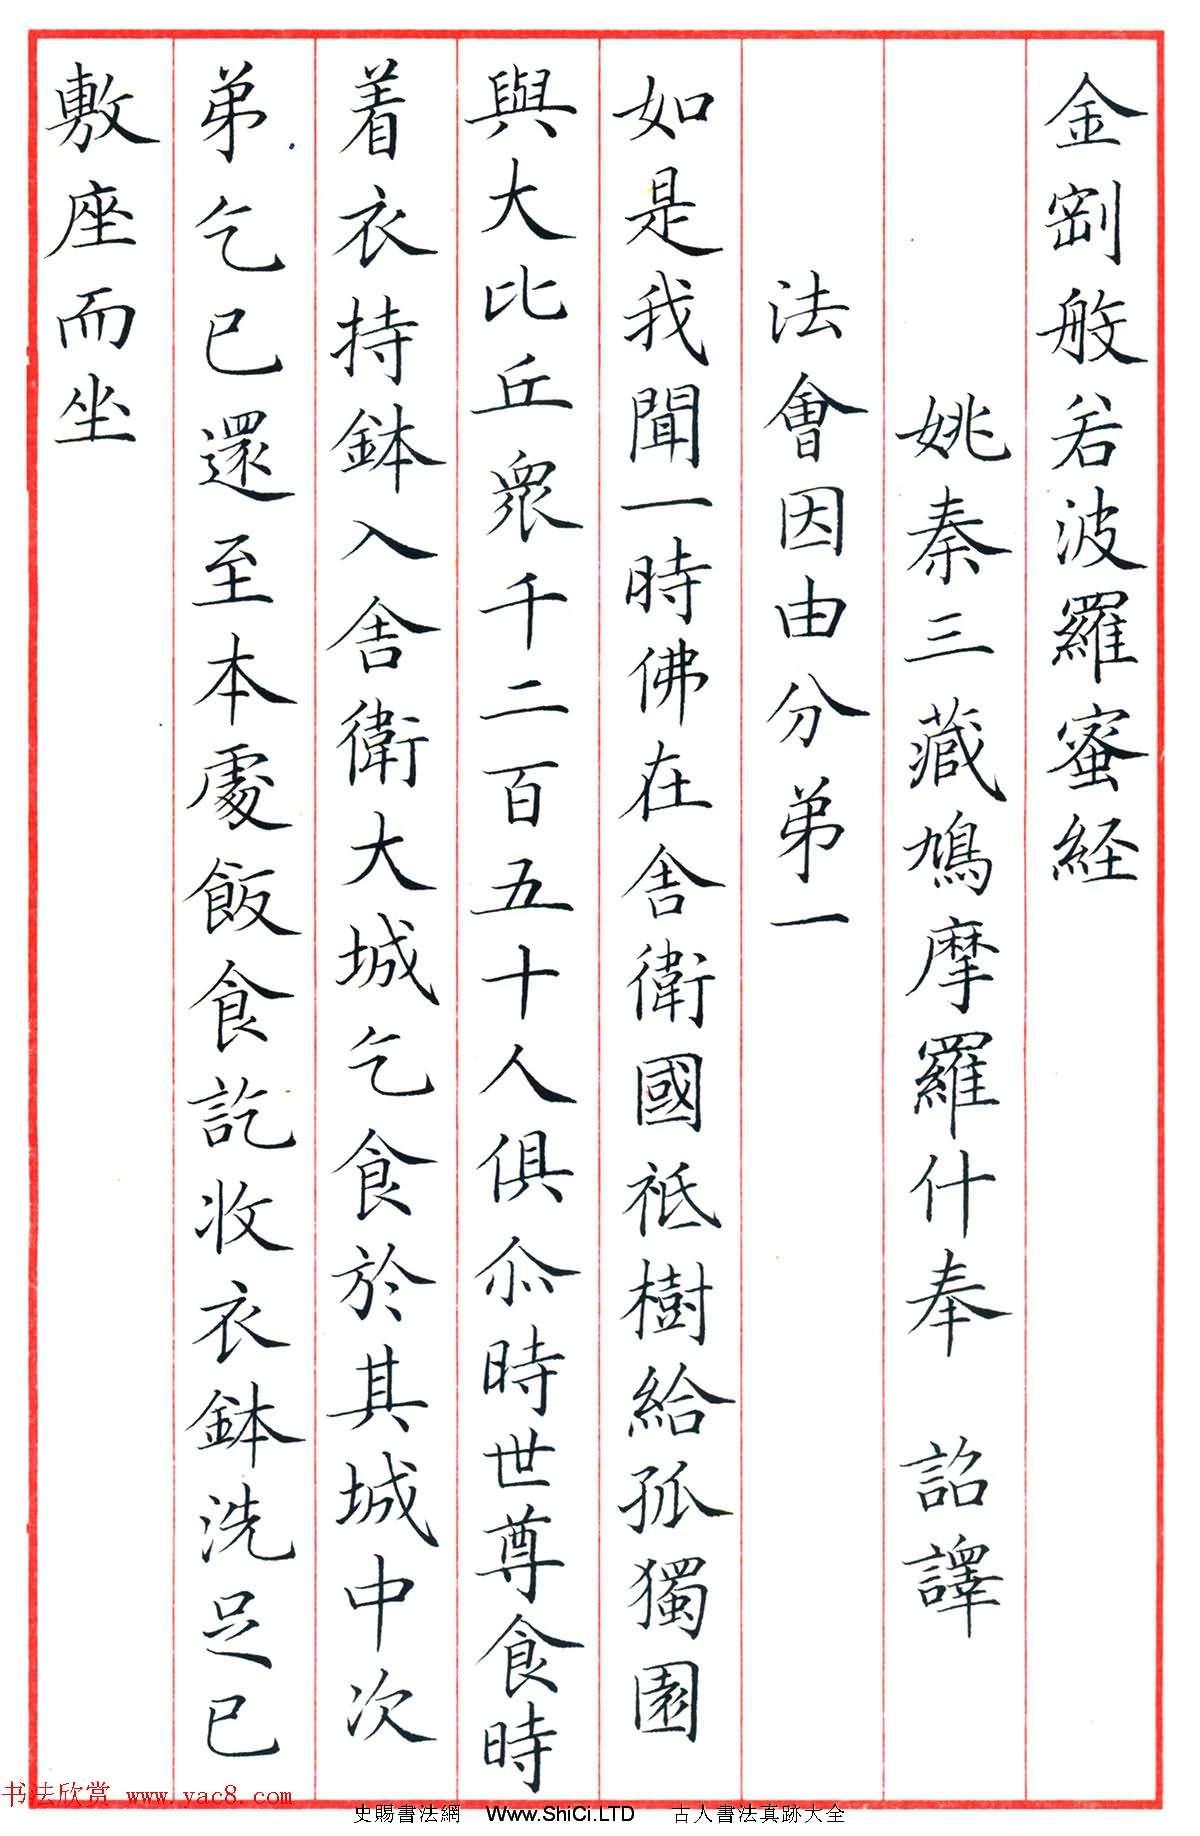 梁林小楷書法字帖《金剛經三十二品》(共42張圖片)